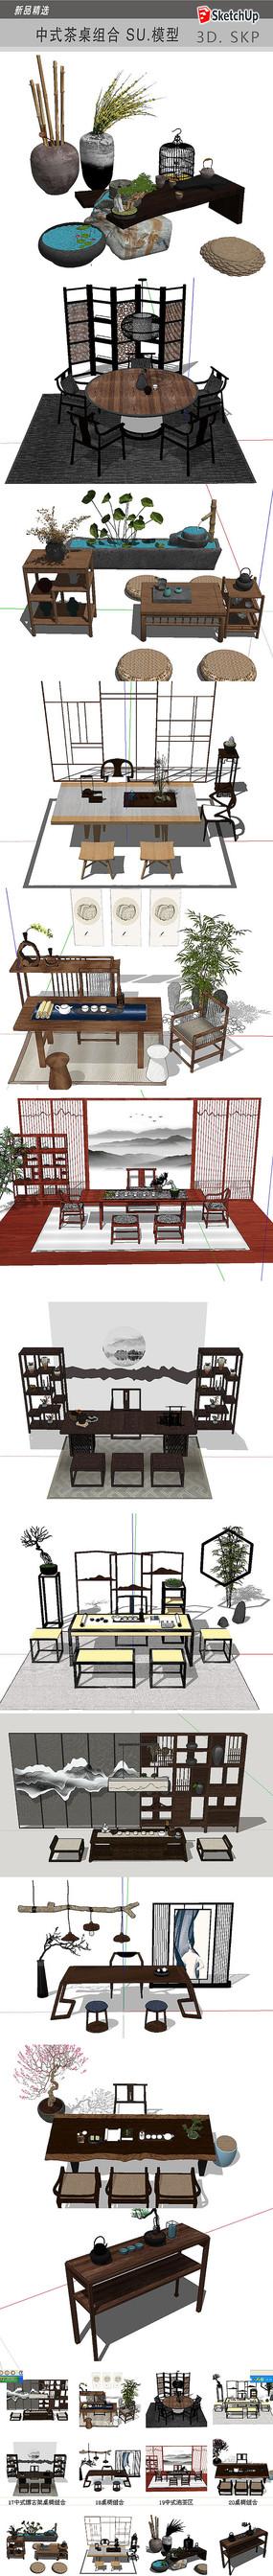 中式家具组合